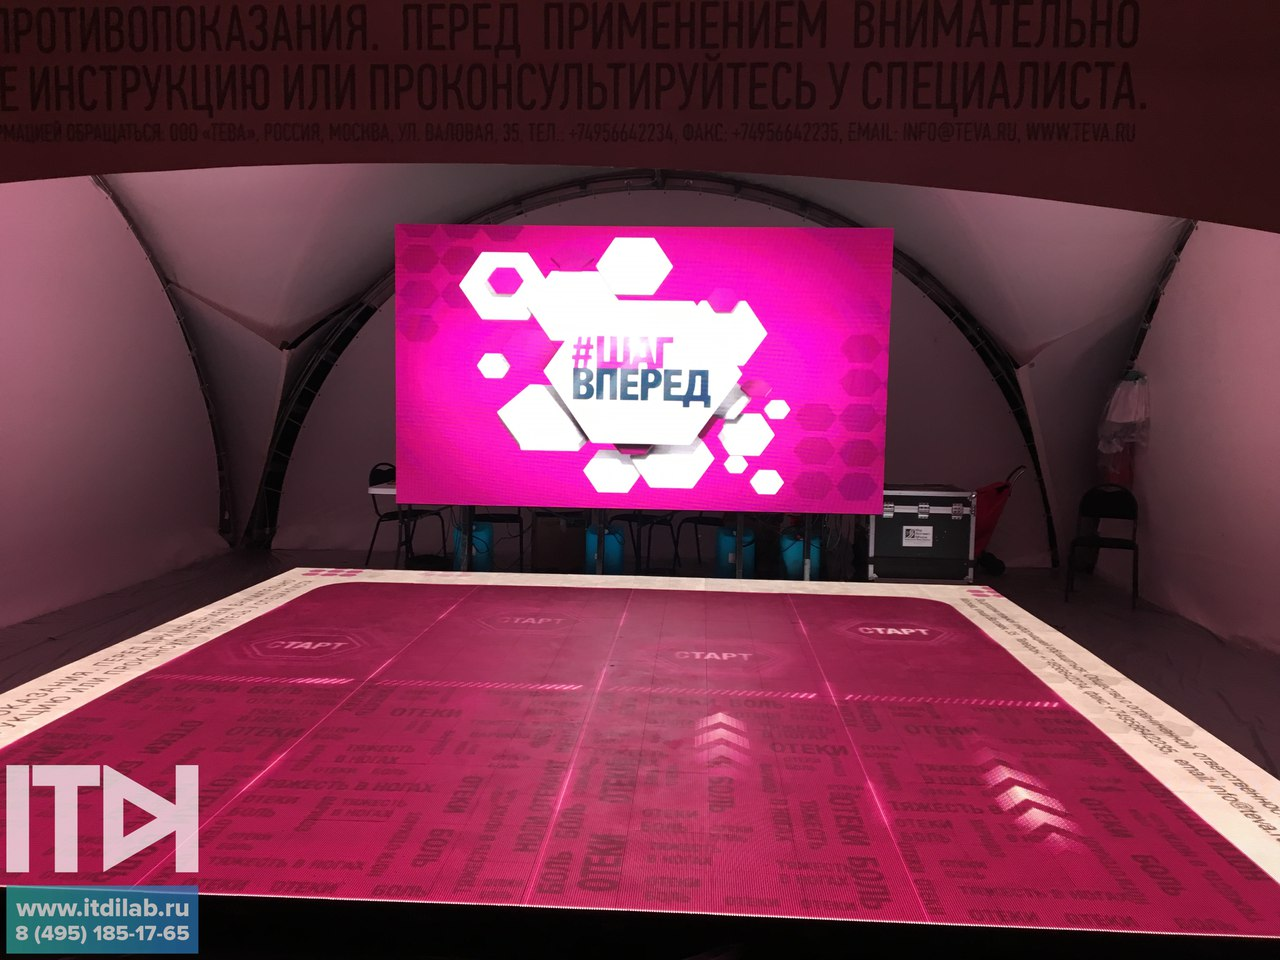 Посетители стенда могли проверить свой танцевальный навык, повторяя движения с большого экрана на интерактивном полу